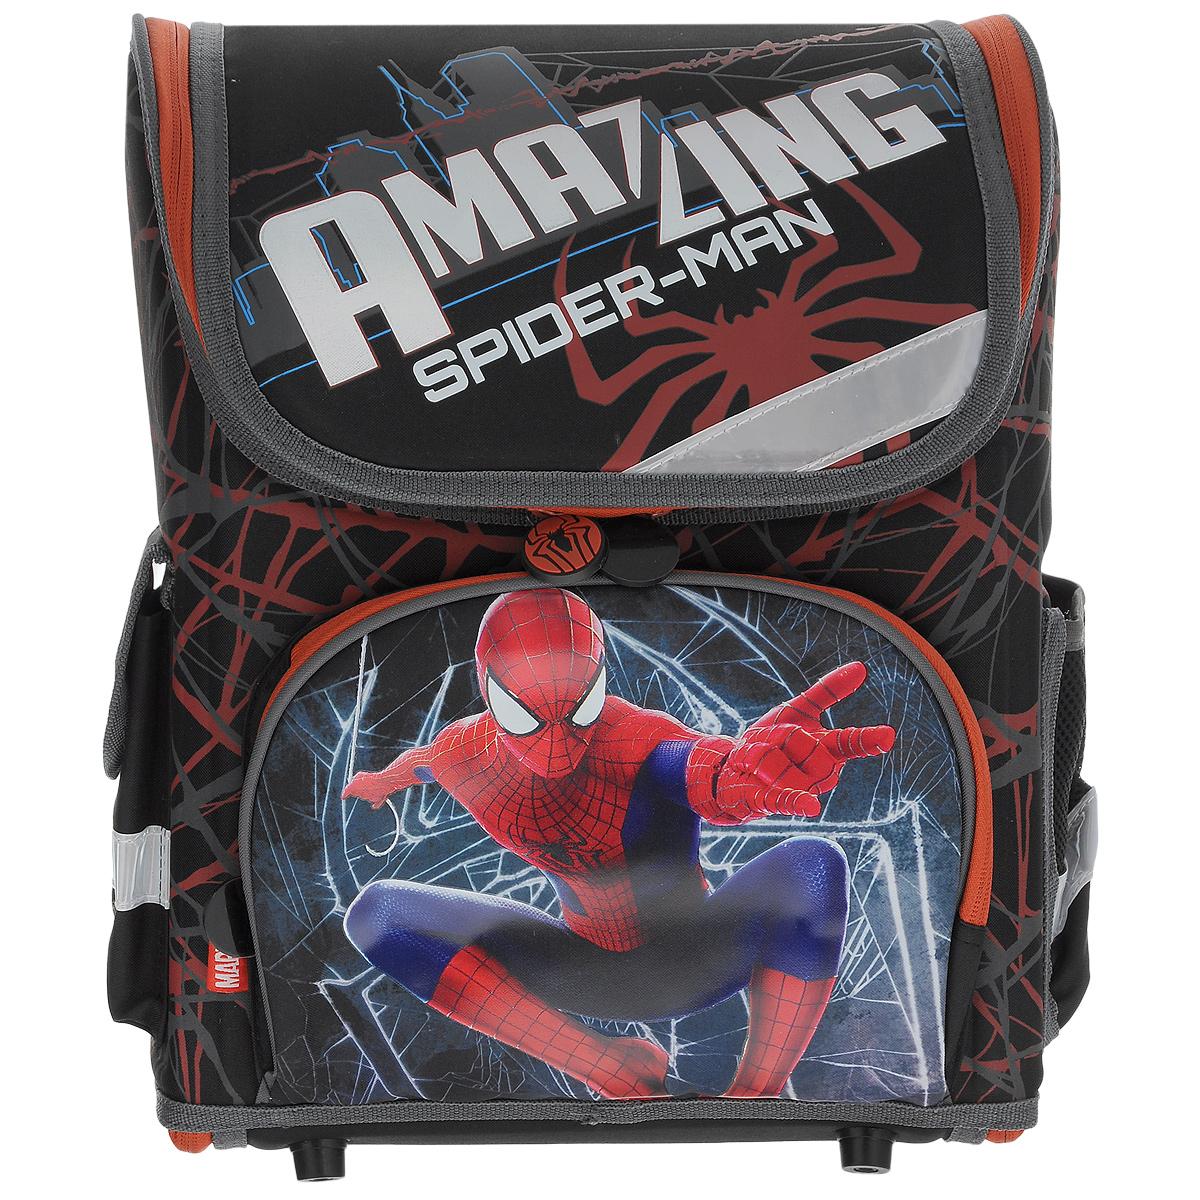 Ранец школьный Spider-man, с наполнением, цвет: черный, красныйSMOZ-UT1-116SETШкольный ранец Spider-man выполнен из современного легкого и прочного материала фиолетового цвета, дополненный яркими аппликациями с героями Spider-man. Ранец имеет одно основное отделение, закрывающееся на молнию. Ранец полностью раскладывается. Внутри главного отделения расположен накладной сетчатый карман и два разделителя с утягивающей резинкой, предназначенные для размещения предметов без сложения, размером до формата А4 включительно. На лицевой стороне ранца расположен накладной карман на молнии. По бокам ранца размещены два дополнительных накладных кармана, один на застежке-молнии, и один открытый. Рельеф спинки ранца разработан с учетом особенности детского позвоночника. Ранец оснащен удобной ручкой для переноски и двумя широкими лямками, регулируемой длины. Дно ранца защищено пластиковыми ножками. Многофункциональный школьный ранец станет незаменимым спутником вашего ребенка в походах за знаниями. В комплекте с ранцем идет наполнение: ...